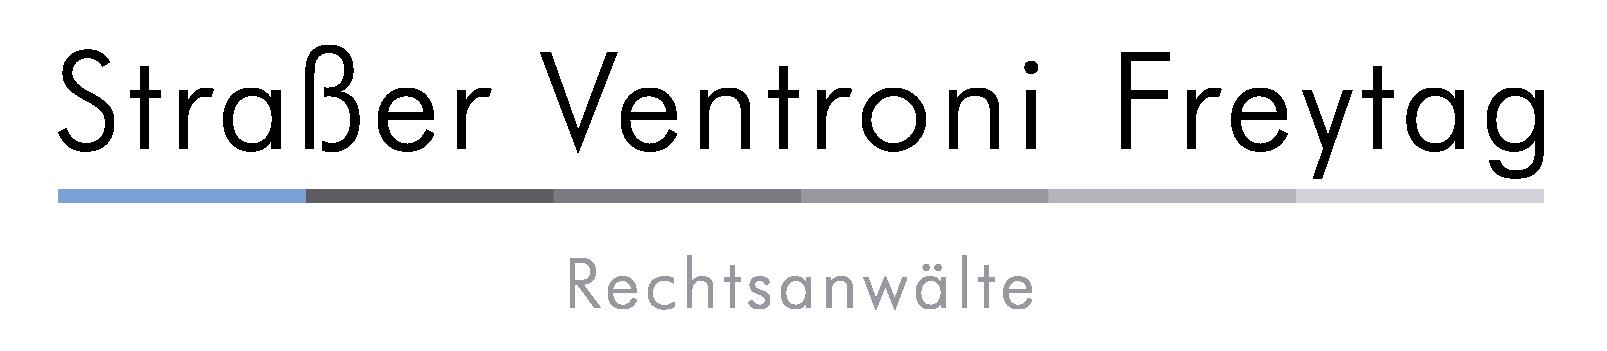 Das Recht des Geistigen Eigentums – Straßer Ventroni Freytag Rechtsanwälte, Standort Köln